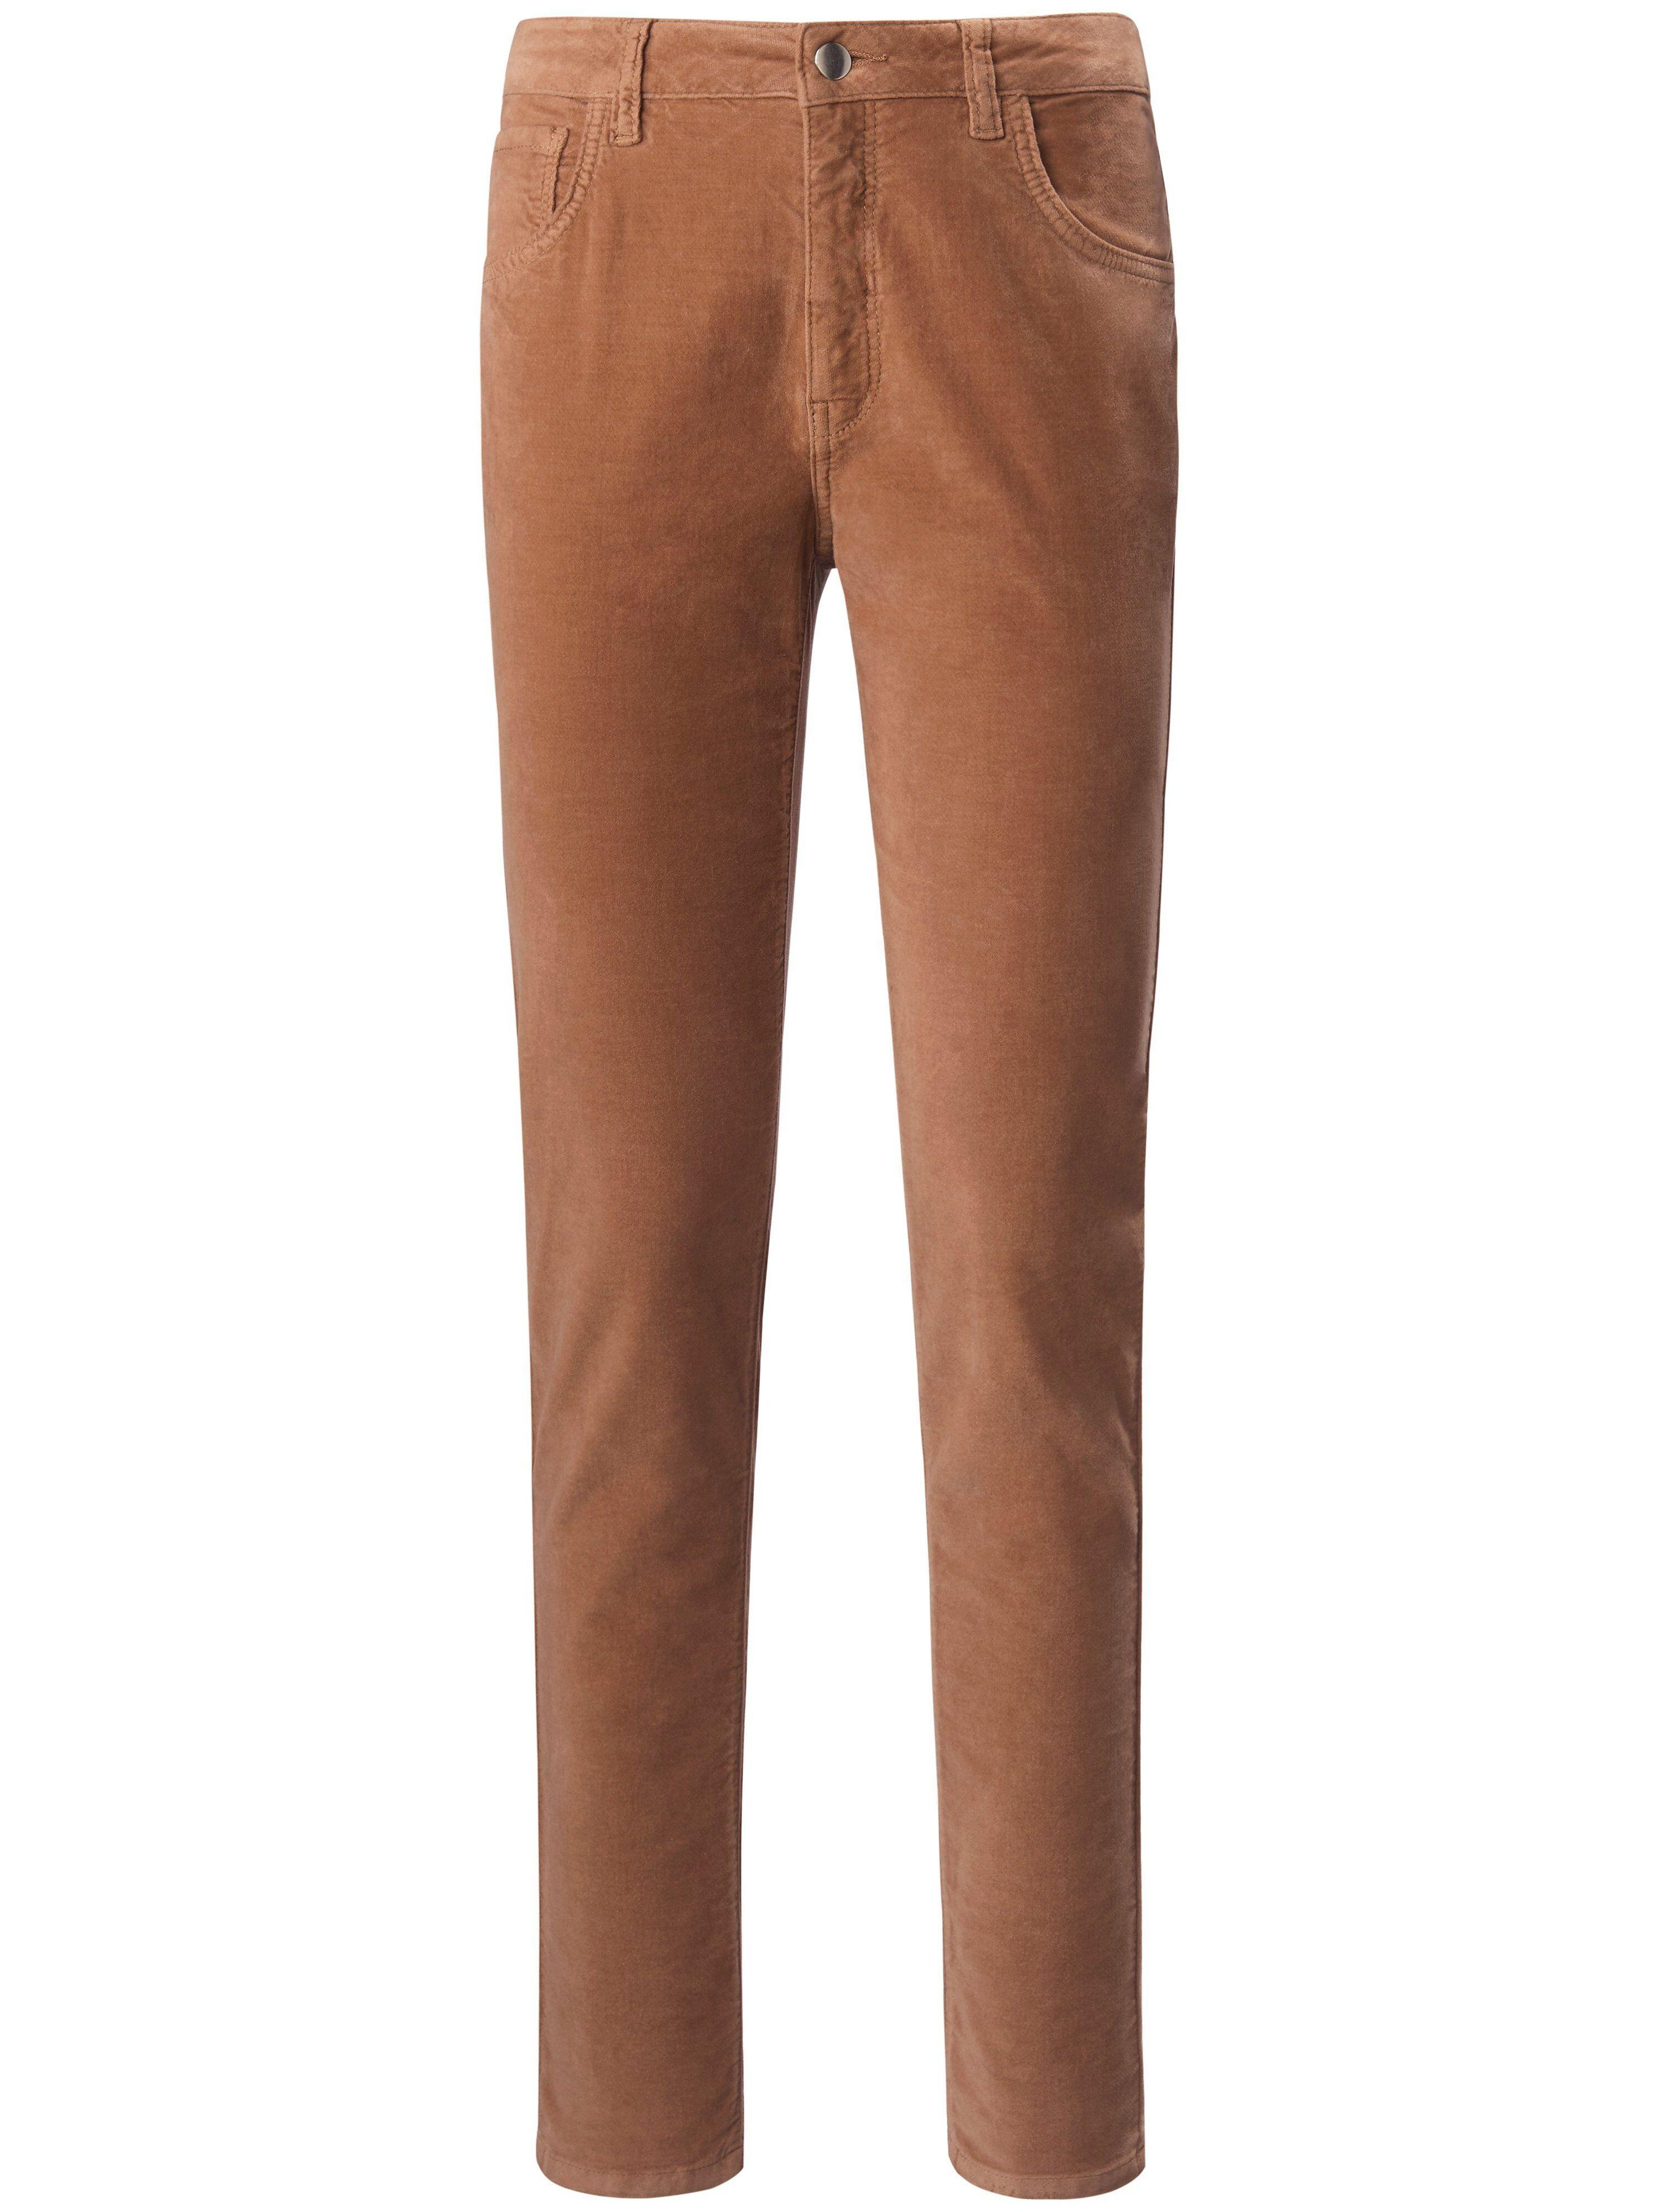 Uta Raasch Le pantalon ligne 5 poches  Uta Raasch marron  - Femme - 19